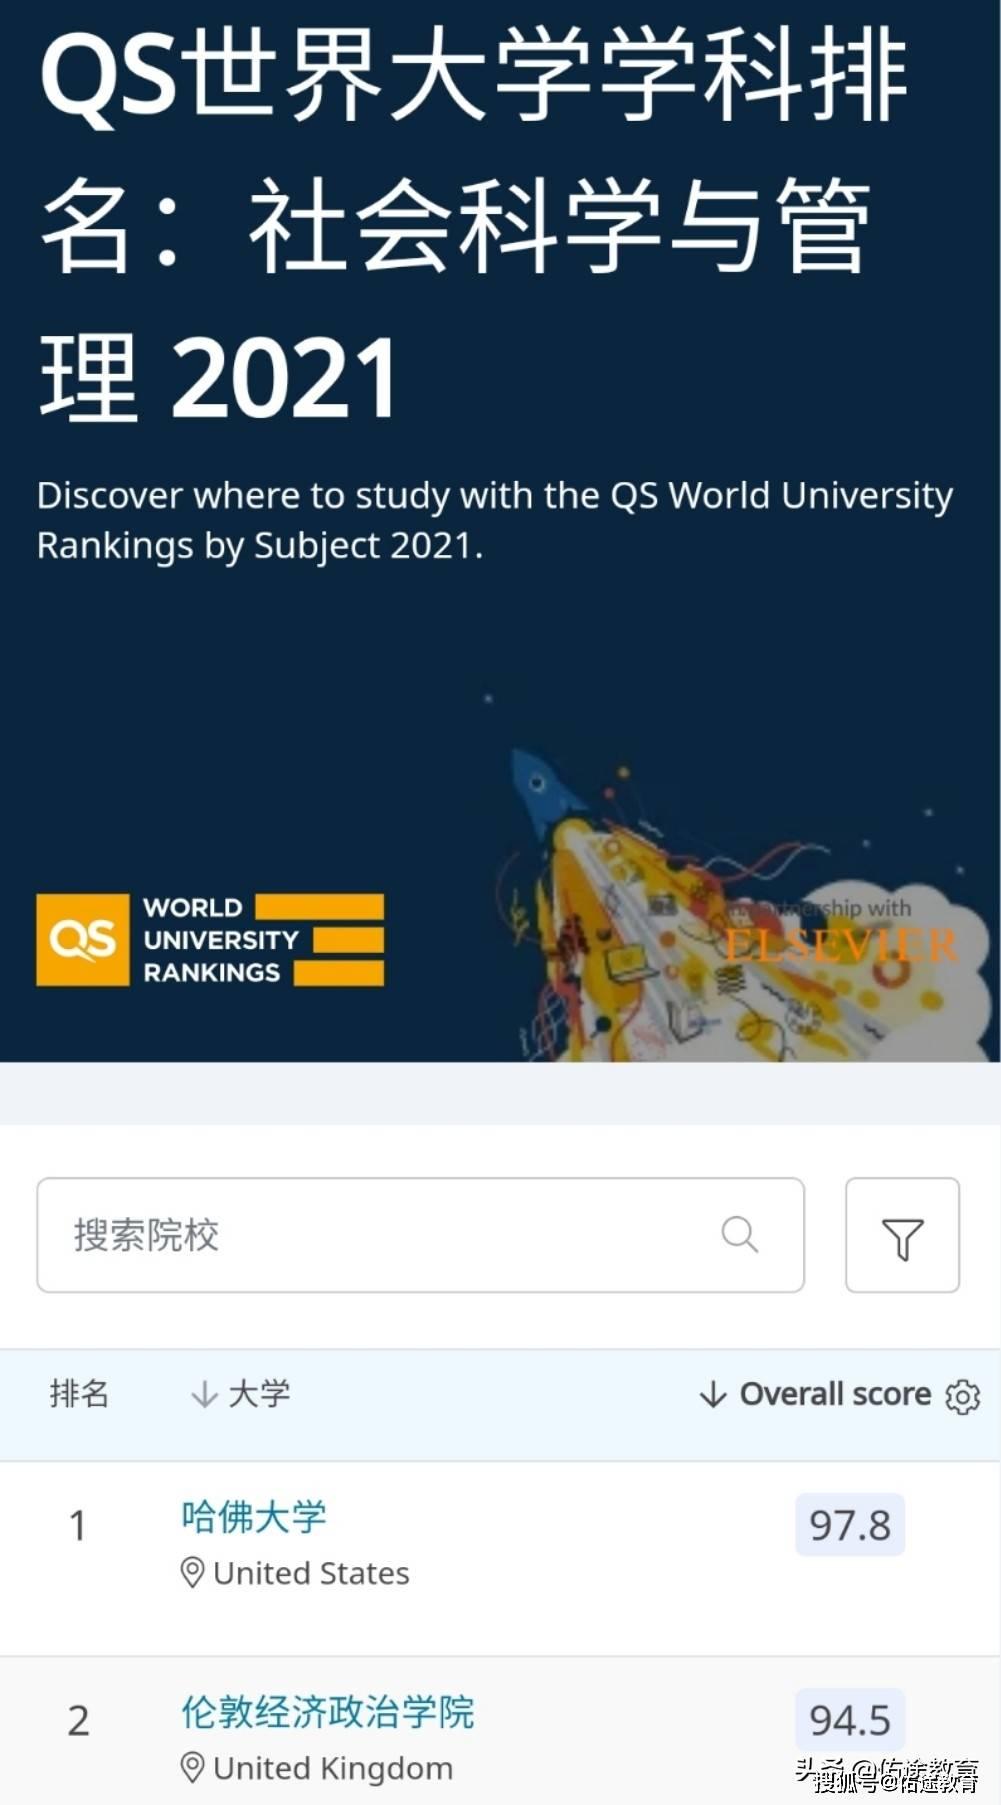 重磅!2022年QS世界大学排名出炉,有匹黑马飙升了13名